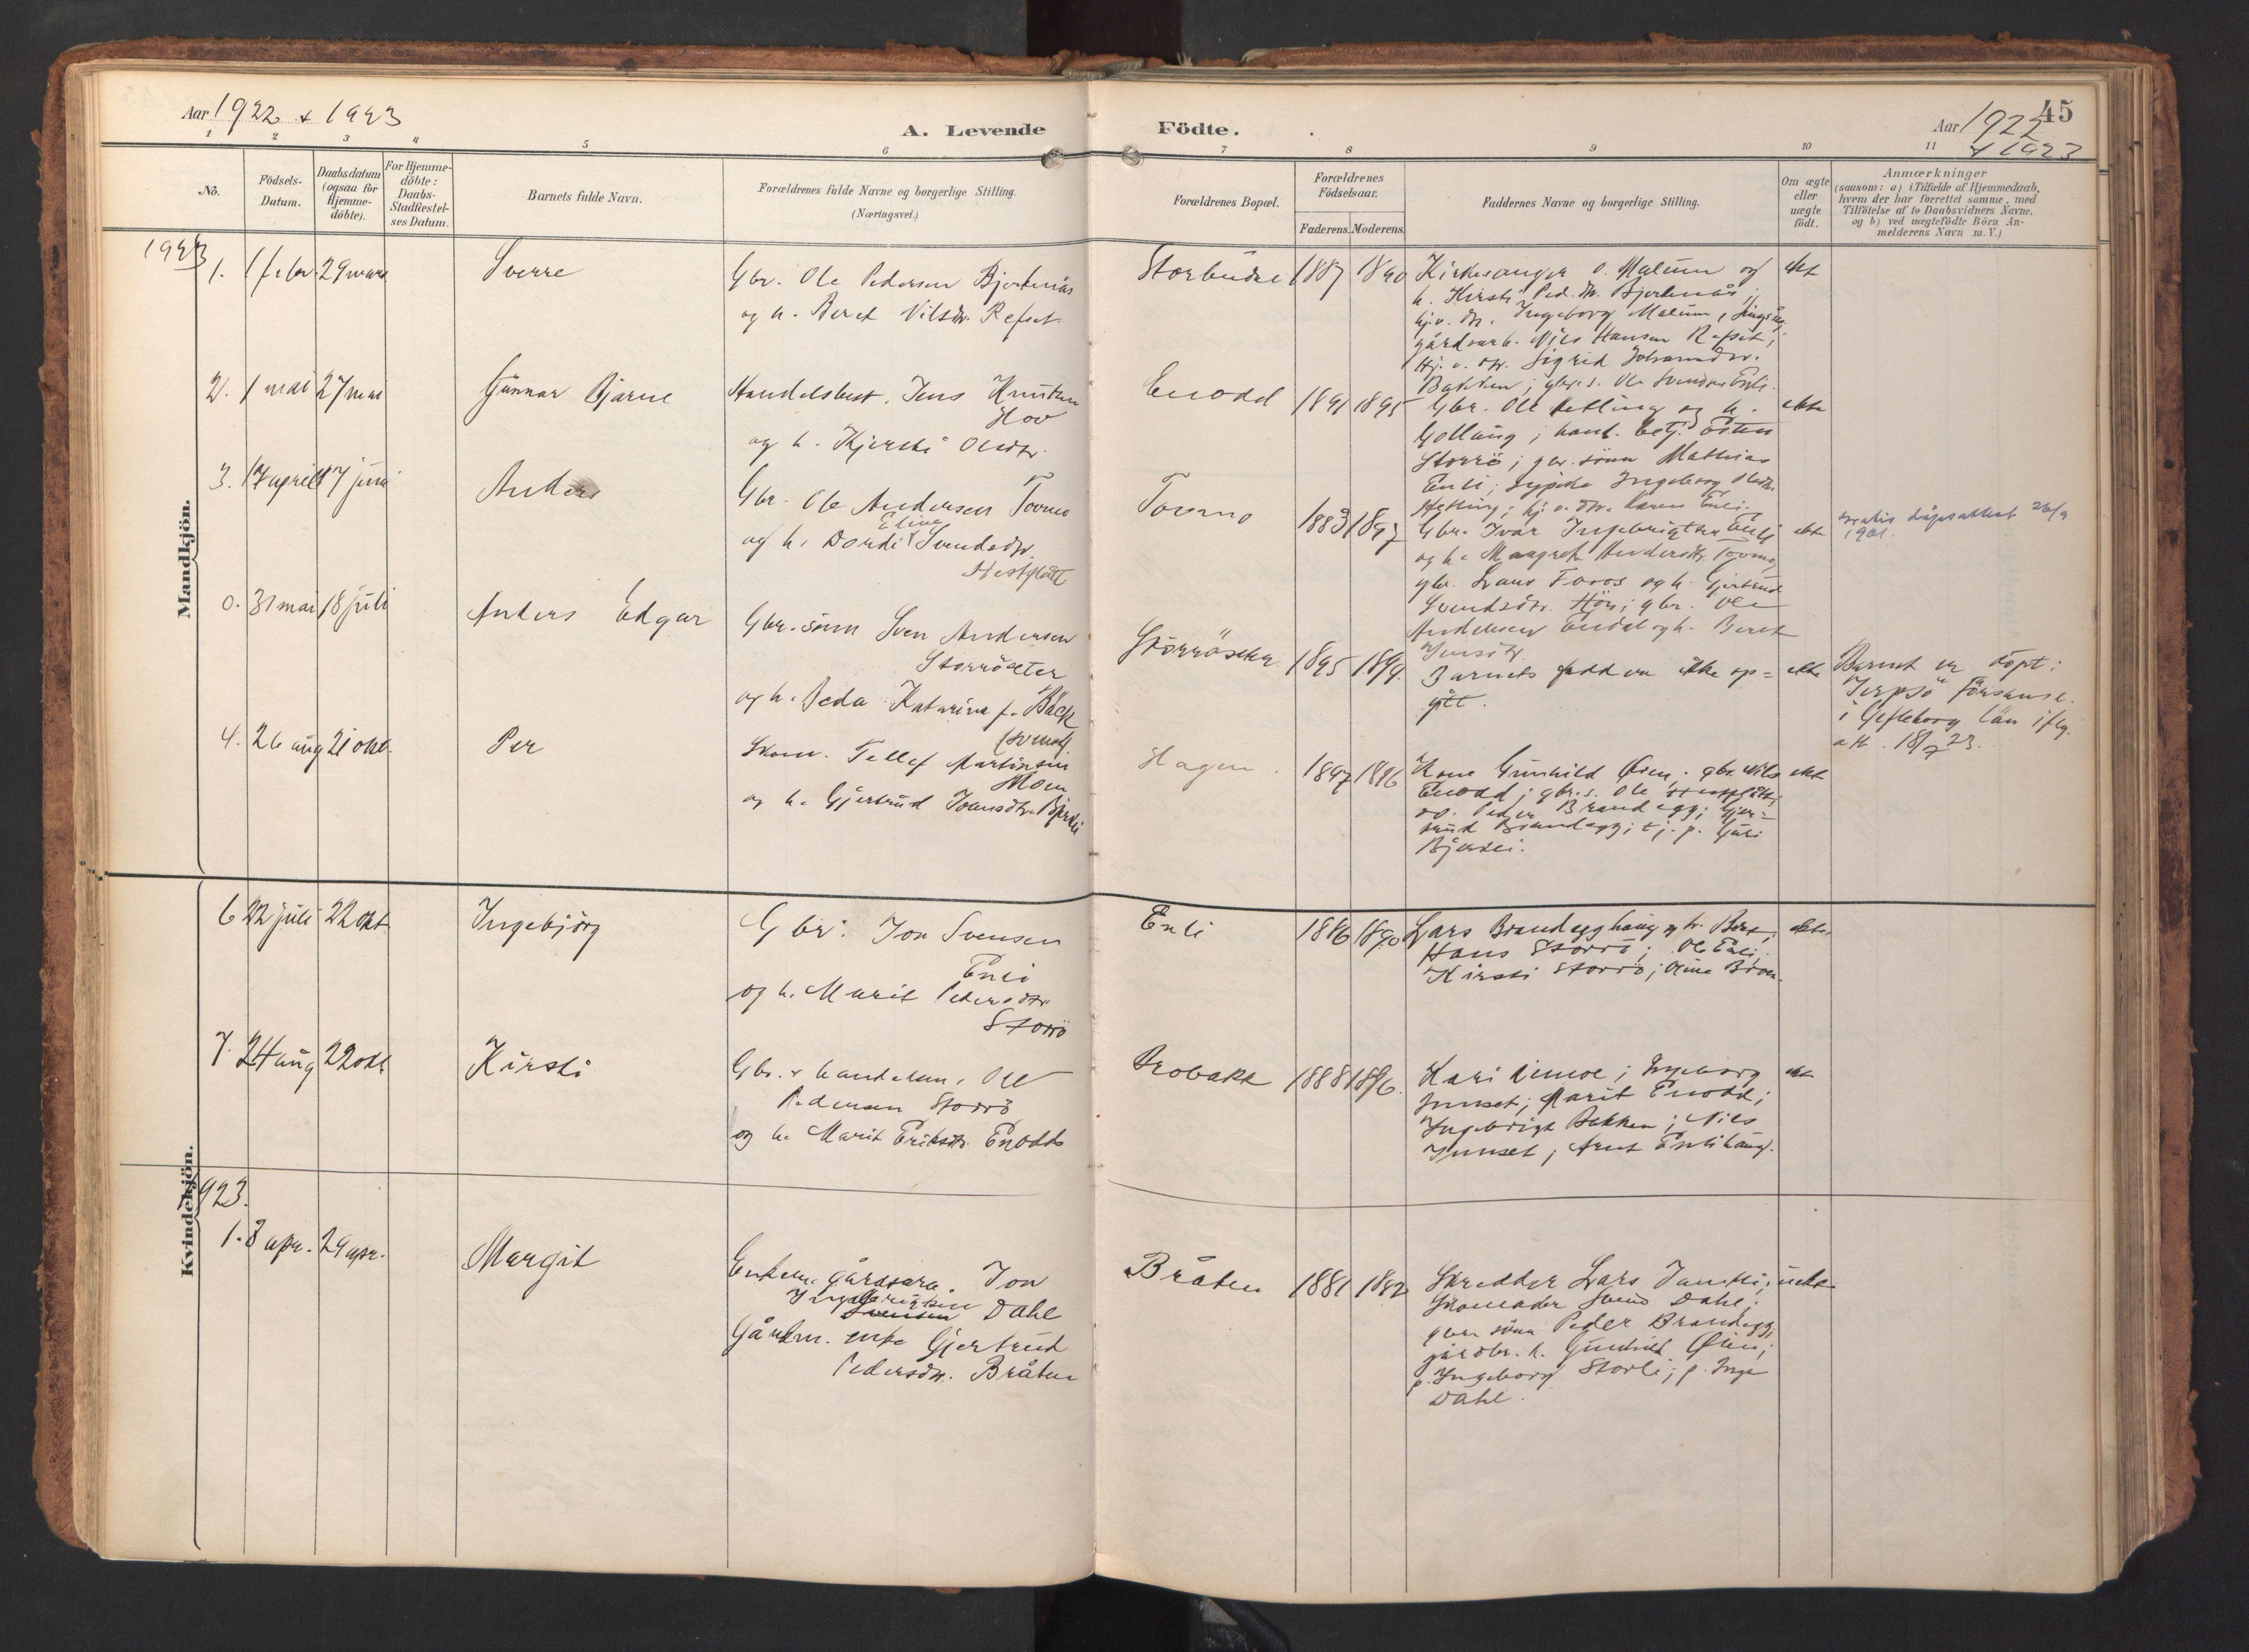 SAT, Ministerialprotokoller, klokkerbøker og fødselsregistre - Sør-Trøndelag, 690/L1050: Ministerialbok nr. 690A01, 1889-1929, s. 45